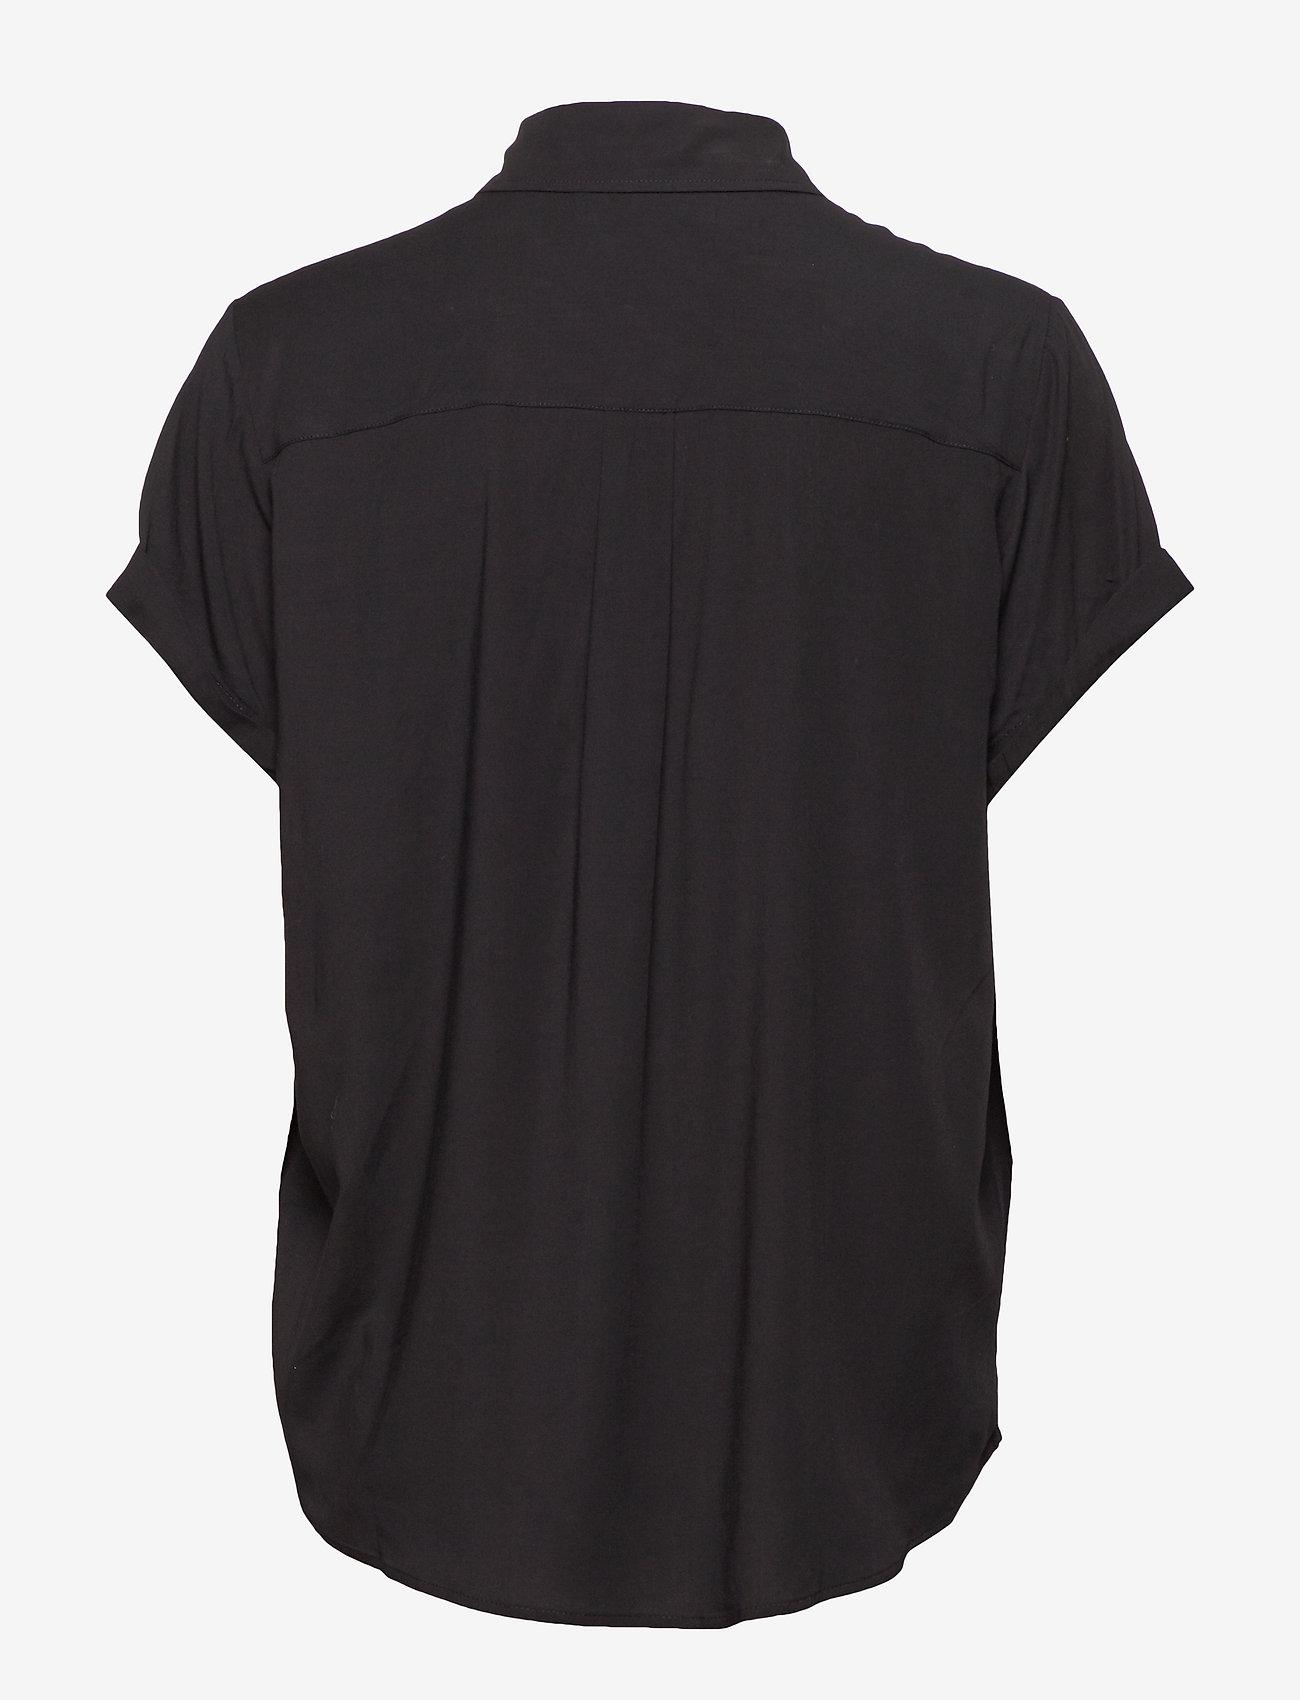 Samsøe Samsøe - Majan ss shirt 9942 - overhemden met korte mouwen - black - 1